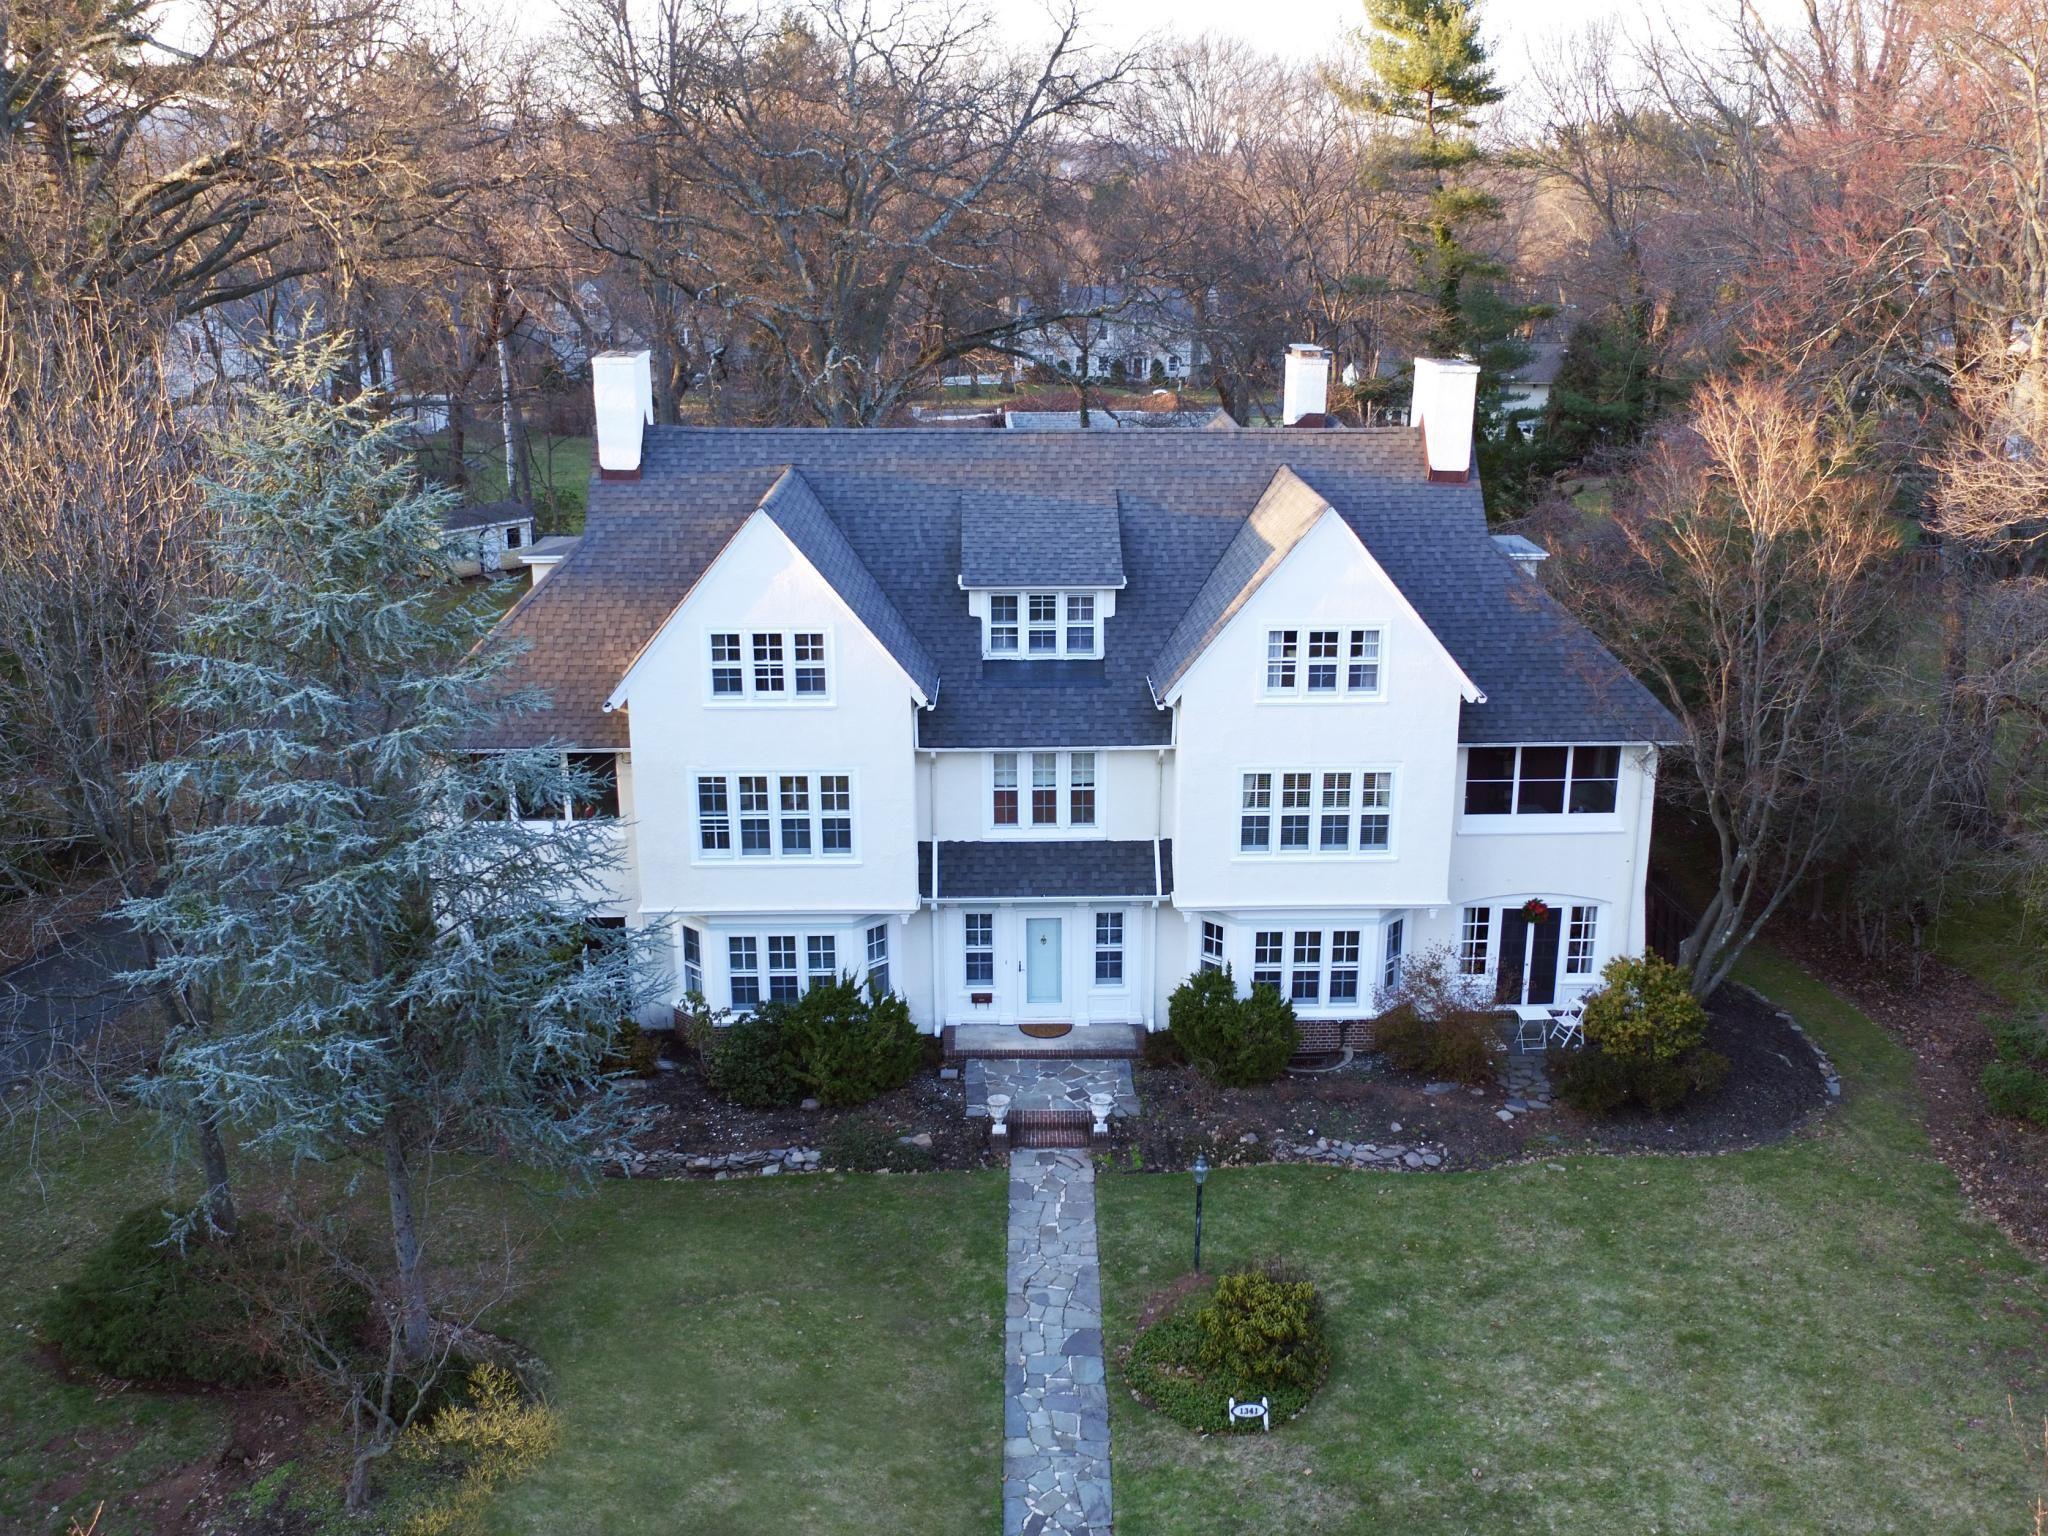 1341 Prospect Ave Plainfield Nj 07060 Estimate And Home Details Trulia